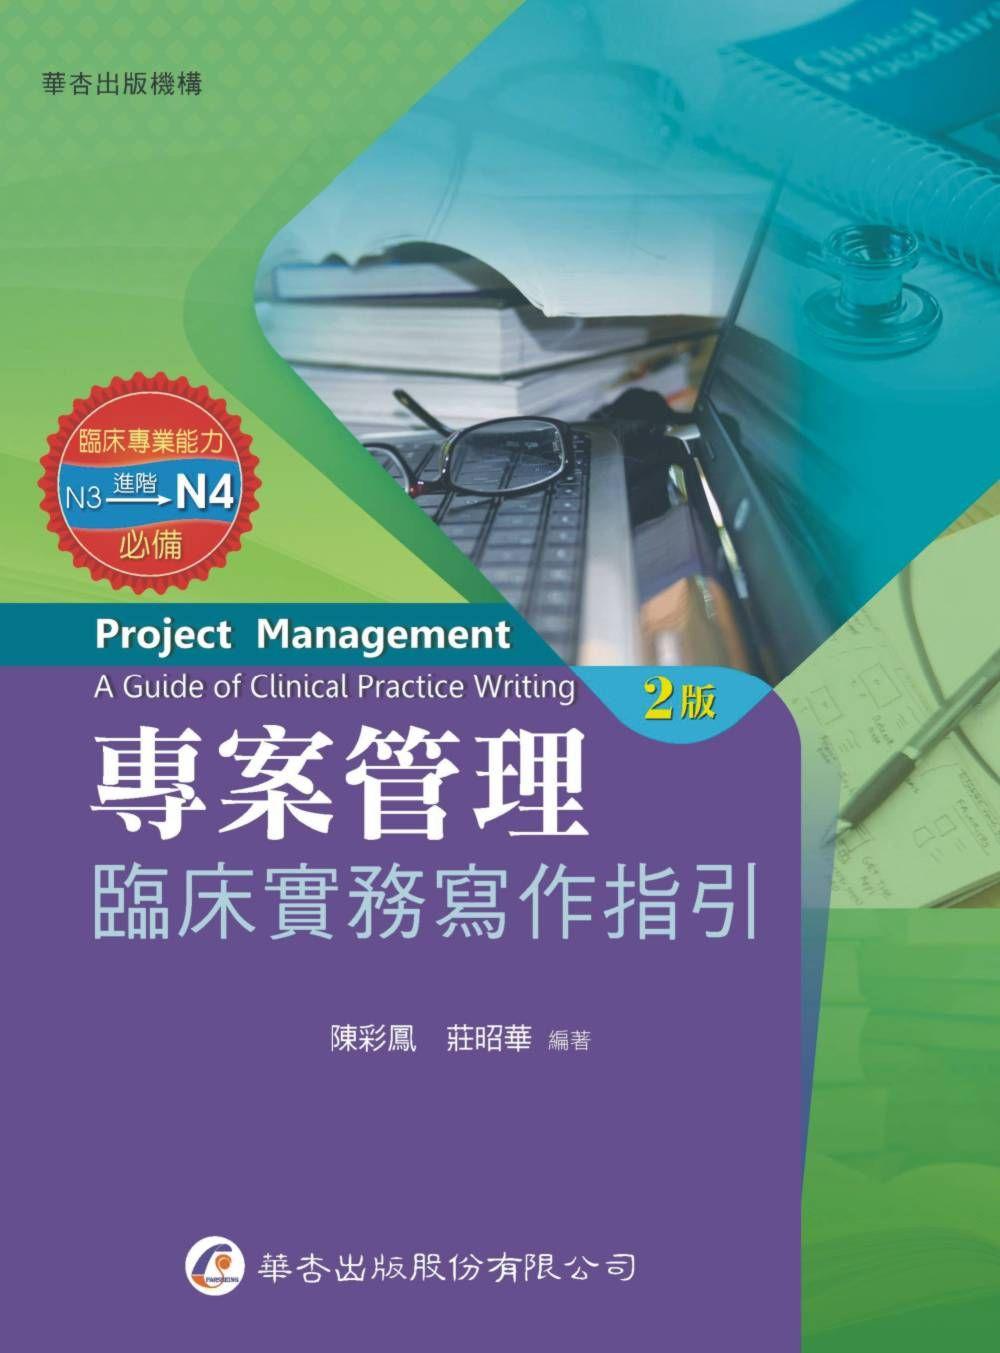 專案管理:臨床實務寫作指引(2版)